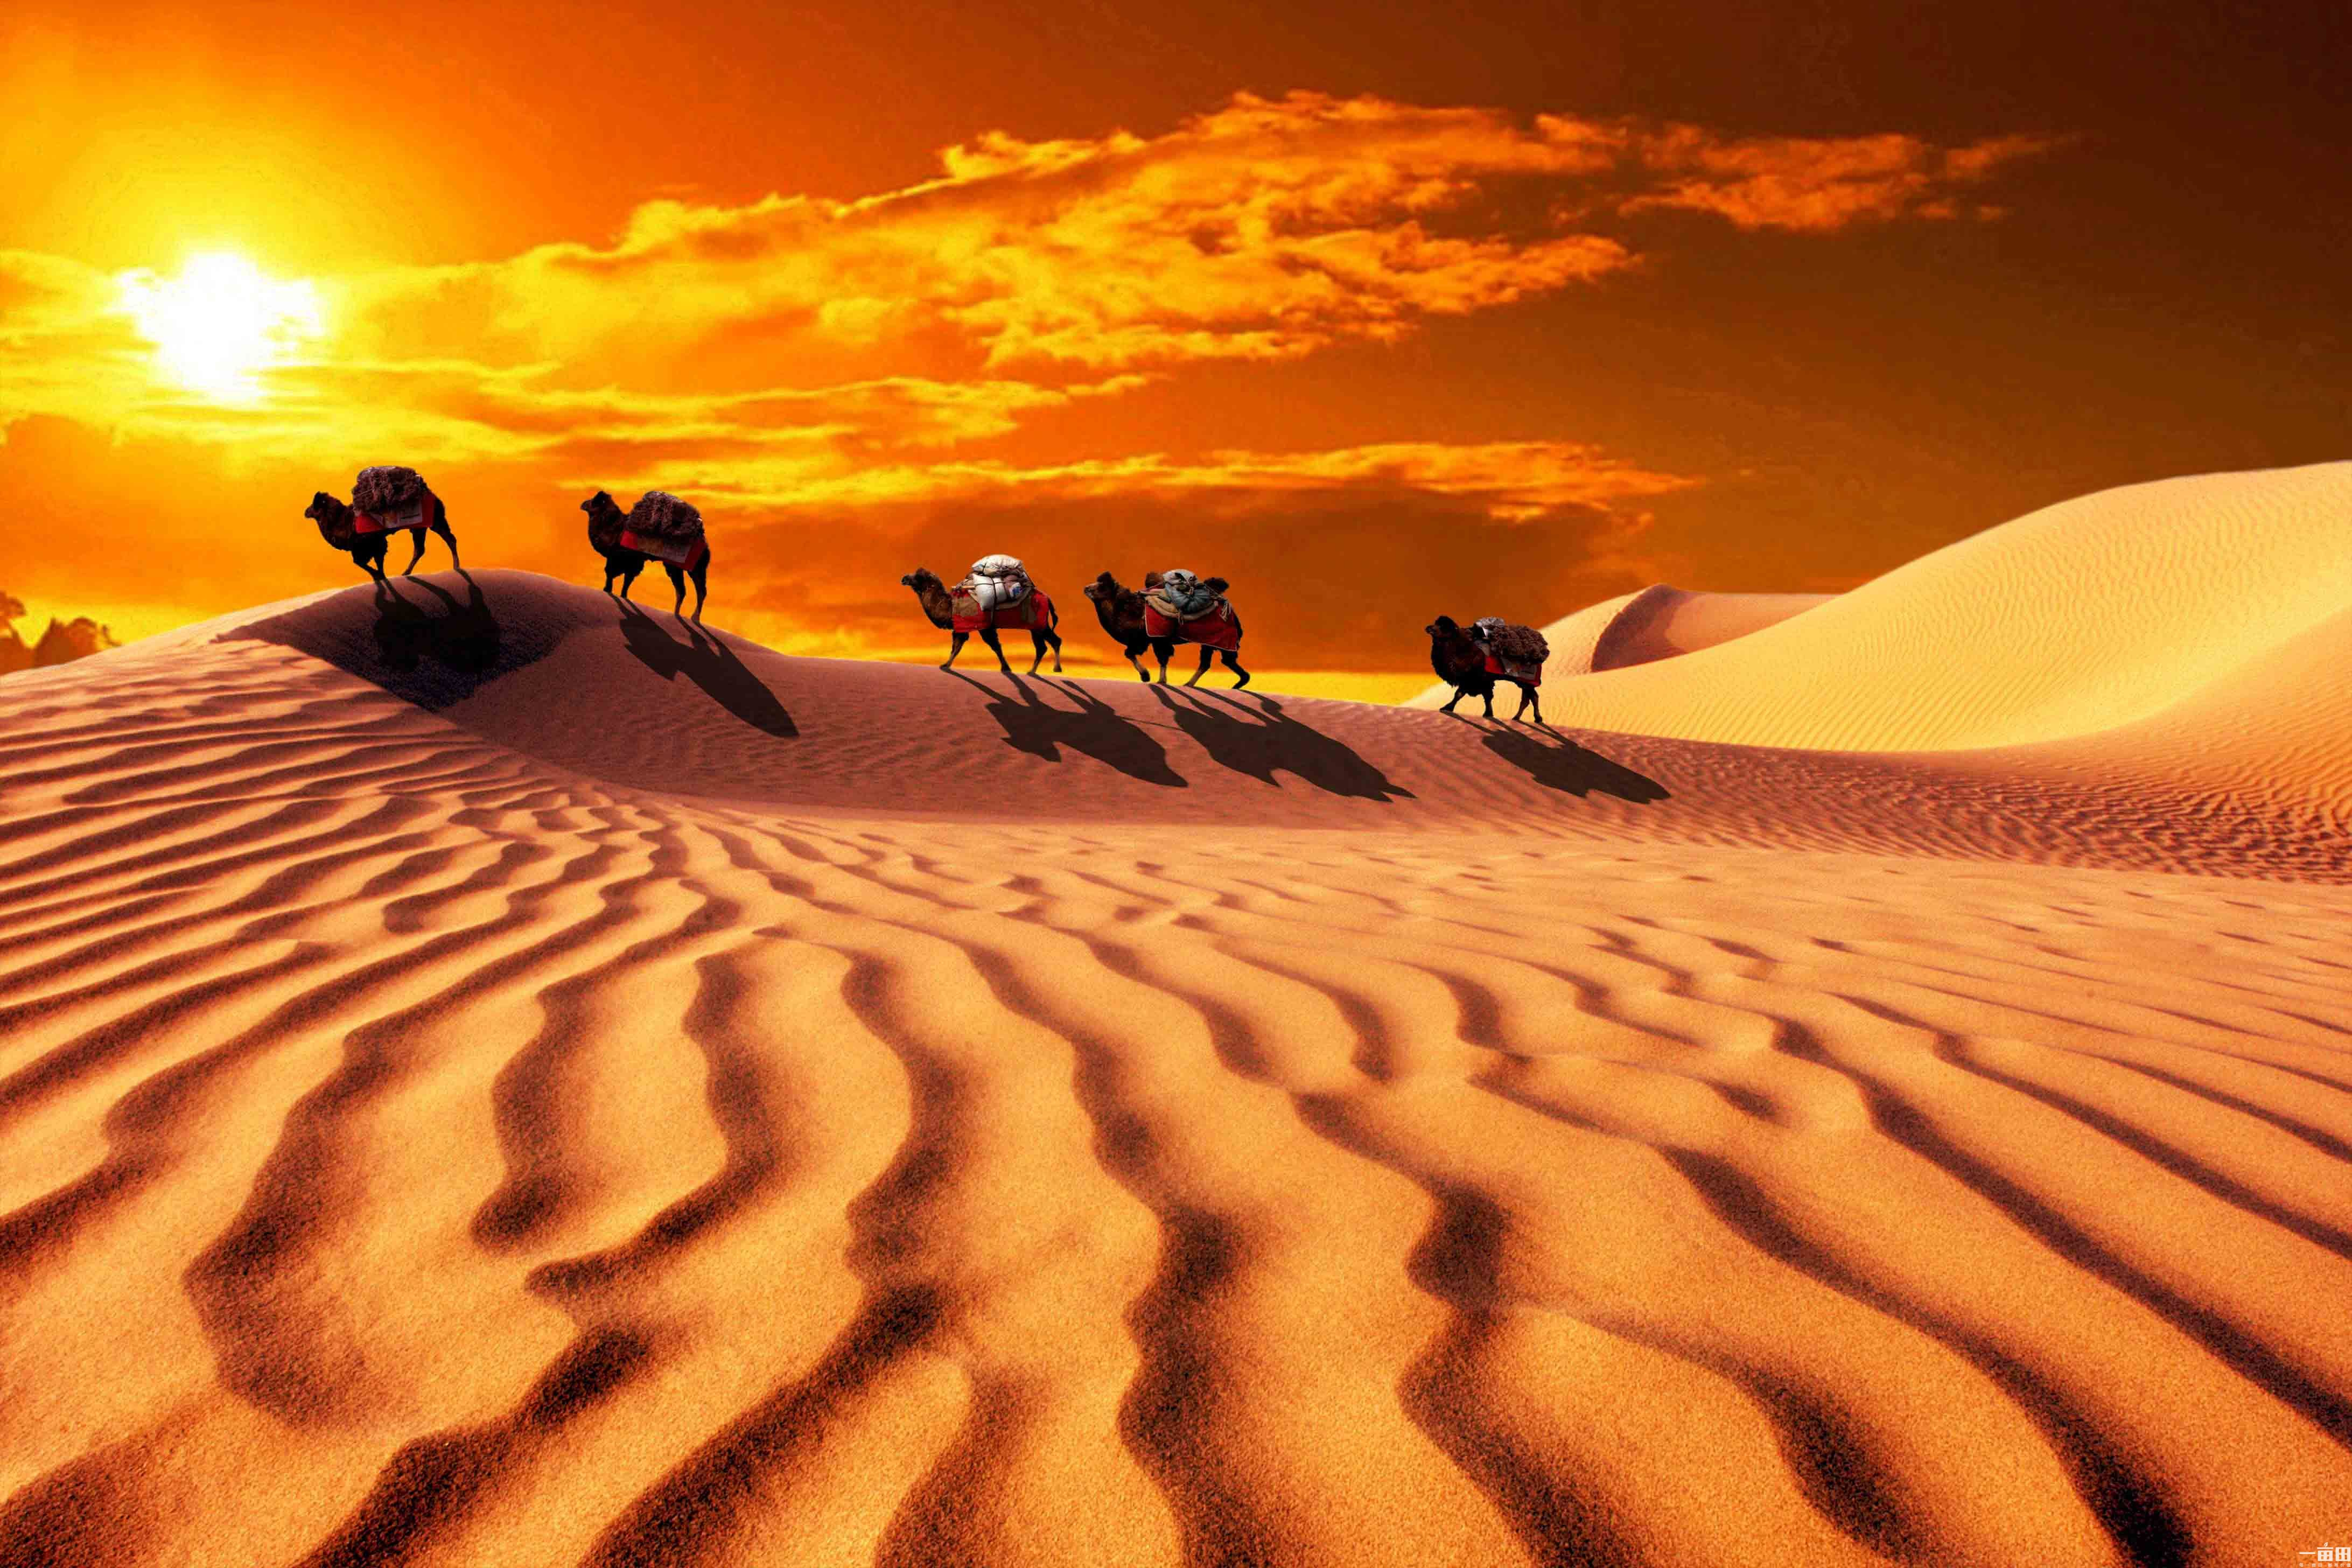 China_silkroad_desert_camels